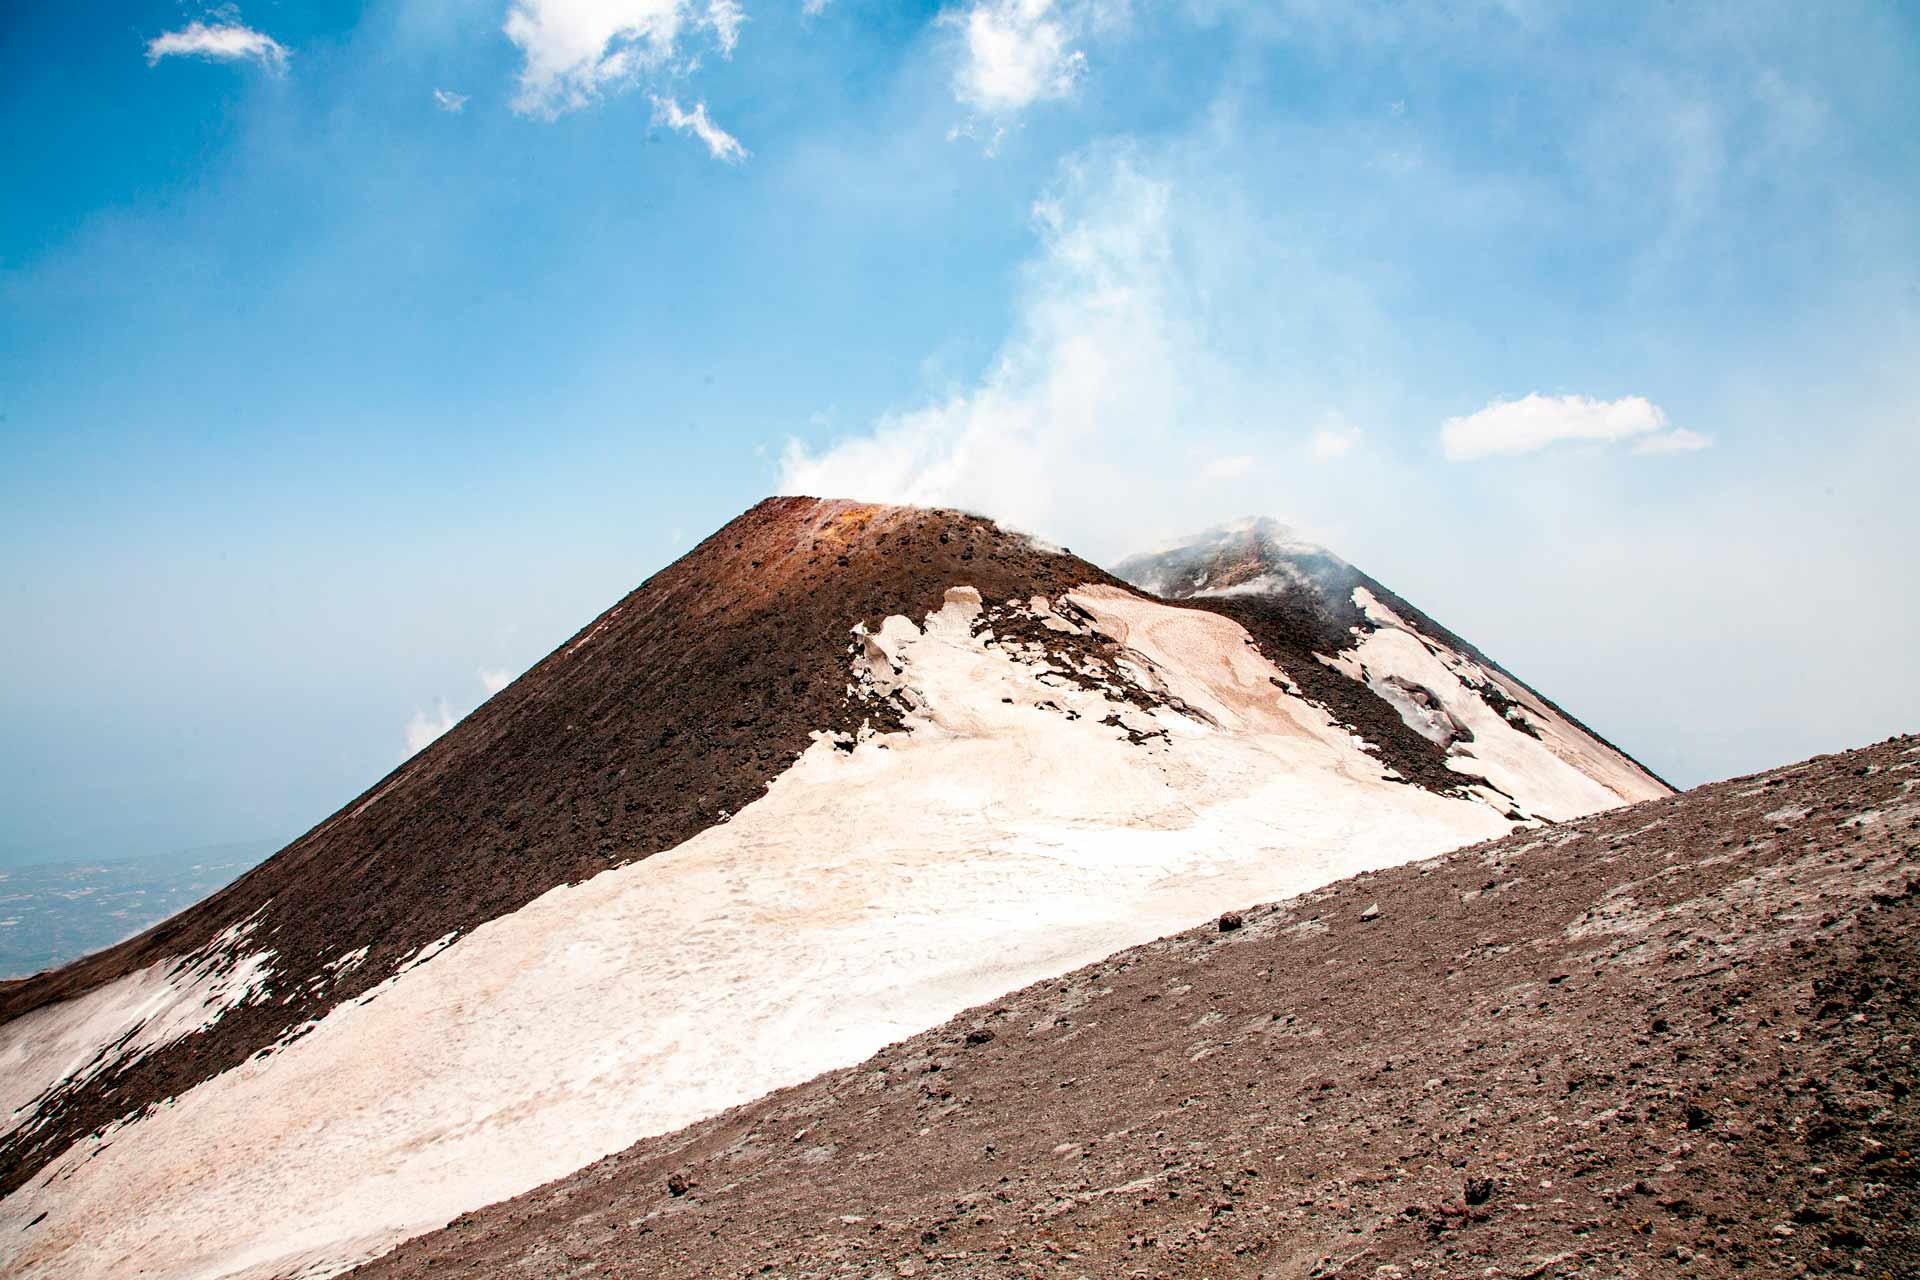 Nel Novembre 2017 il fondo del Cratere di Nord-Est ? sprofondato e si ? riaperto, tornando ad emettere il pennacchio gassoso che lo caratterizza.